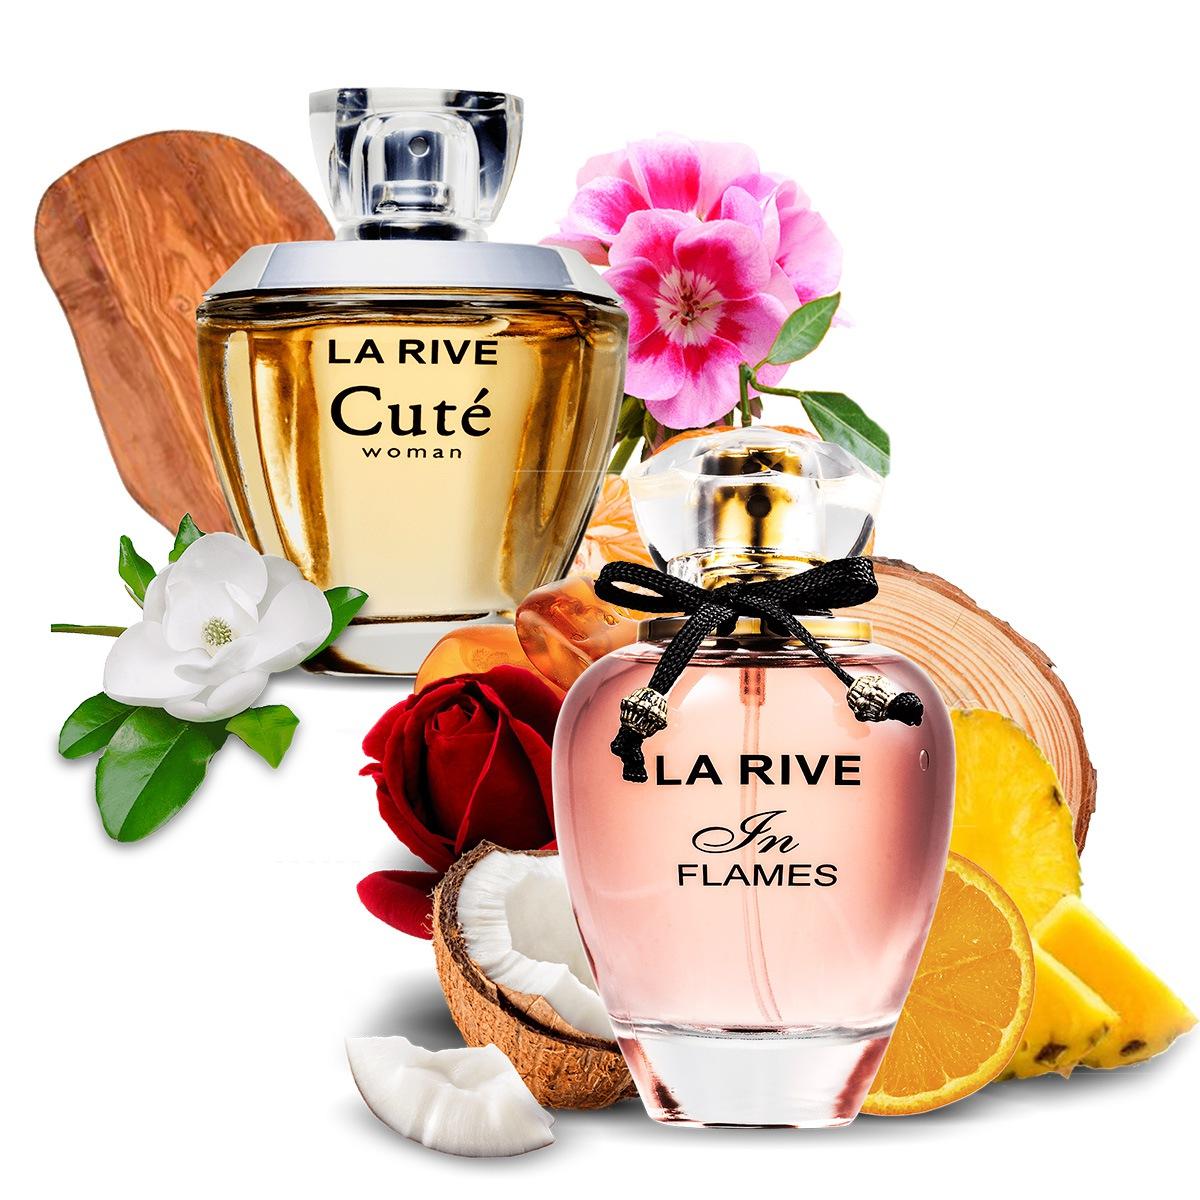 Kit 2 Perfumes Importados Cuté e In Flames La Rive